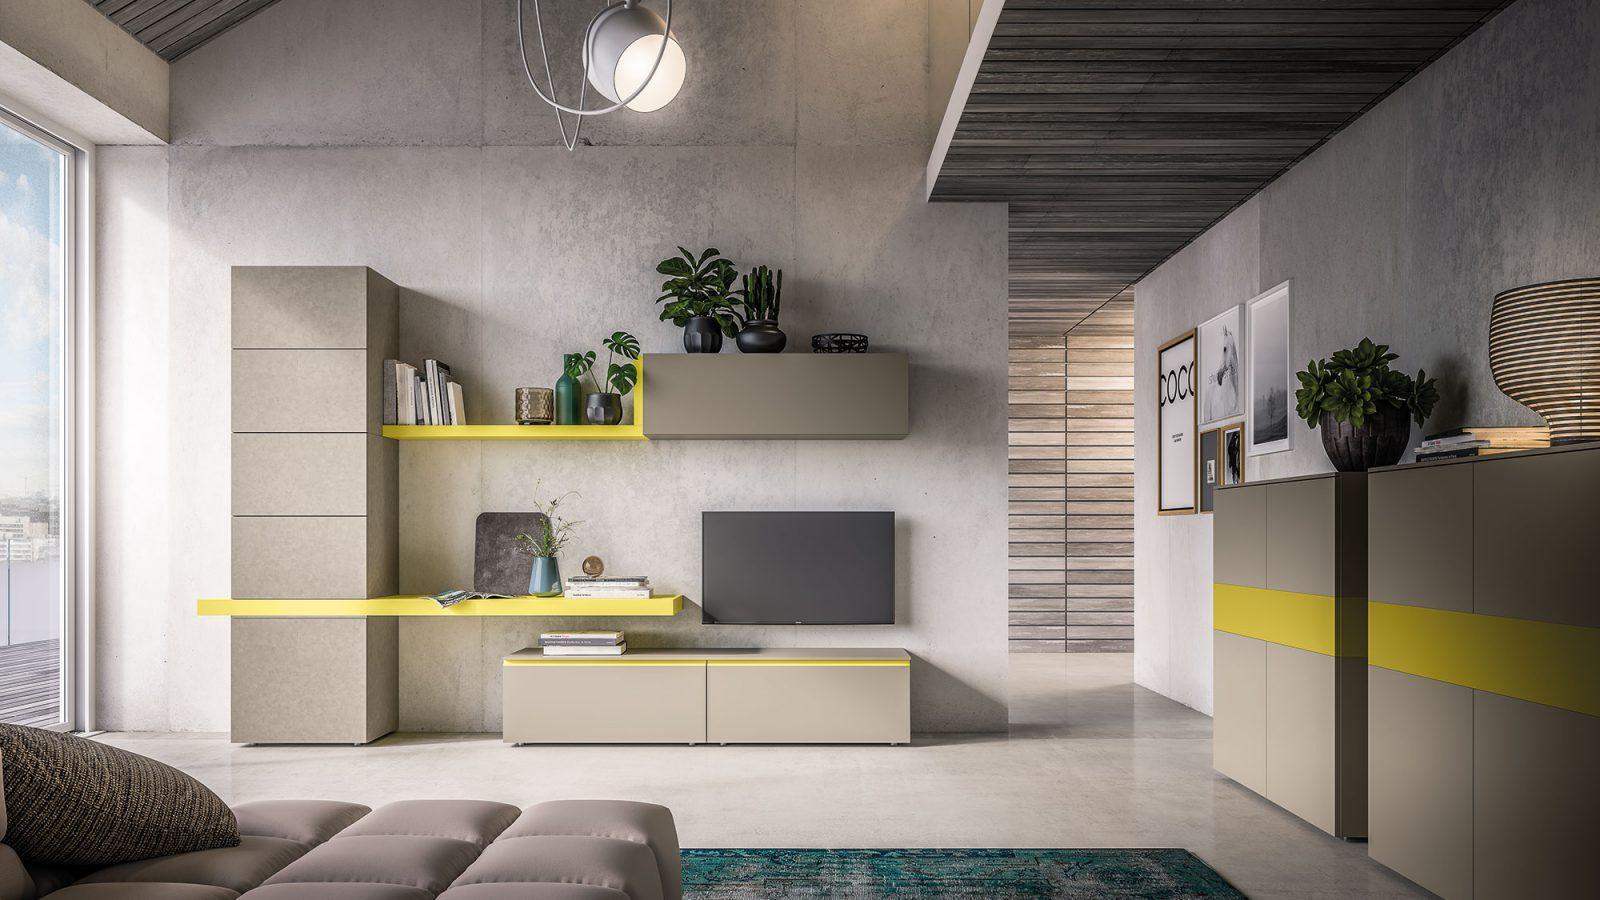 Designermöbel Für Wohnbereich Und Schlafbereich Orme